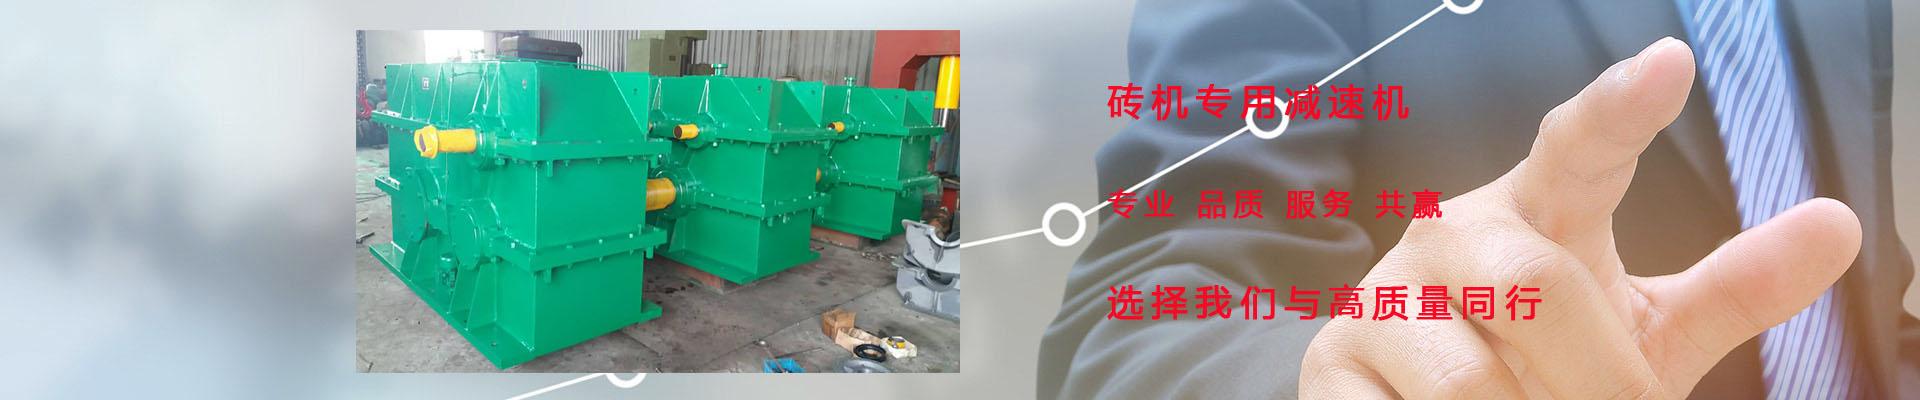 泰兴市昌泰减速机有限公司